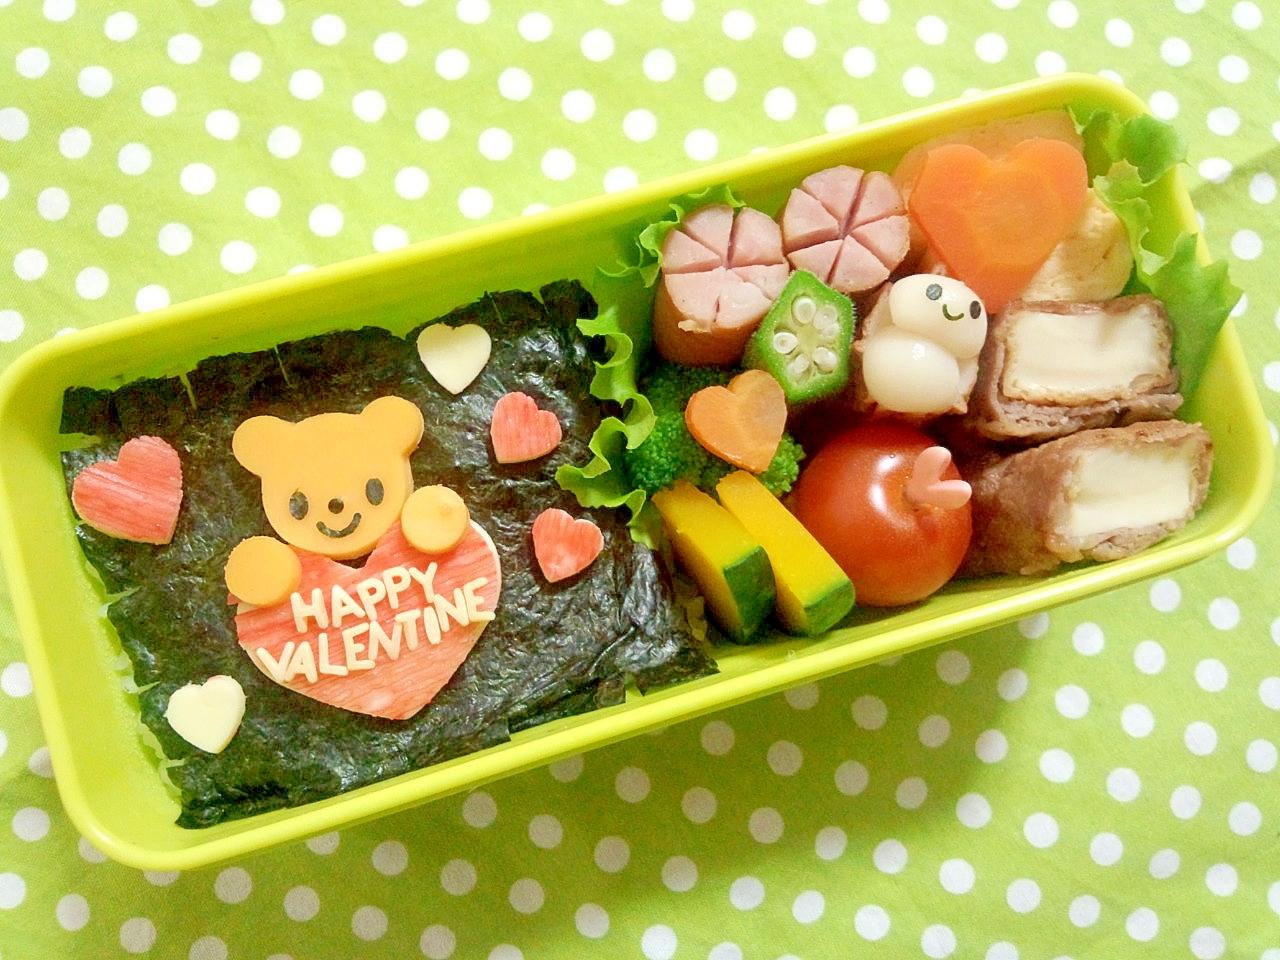 簡単キャラ弁☆くまちゃんのバレンタイン弁当♪